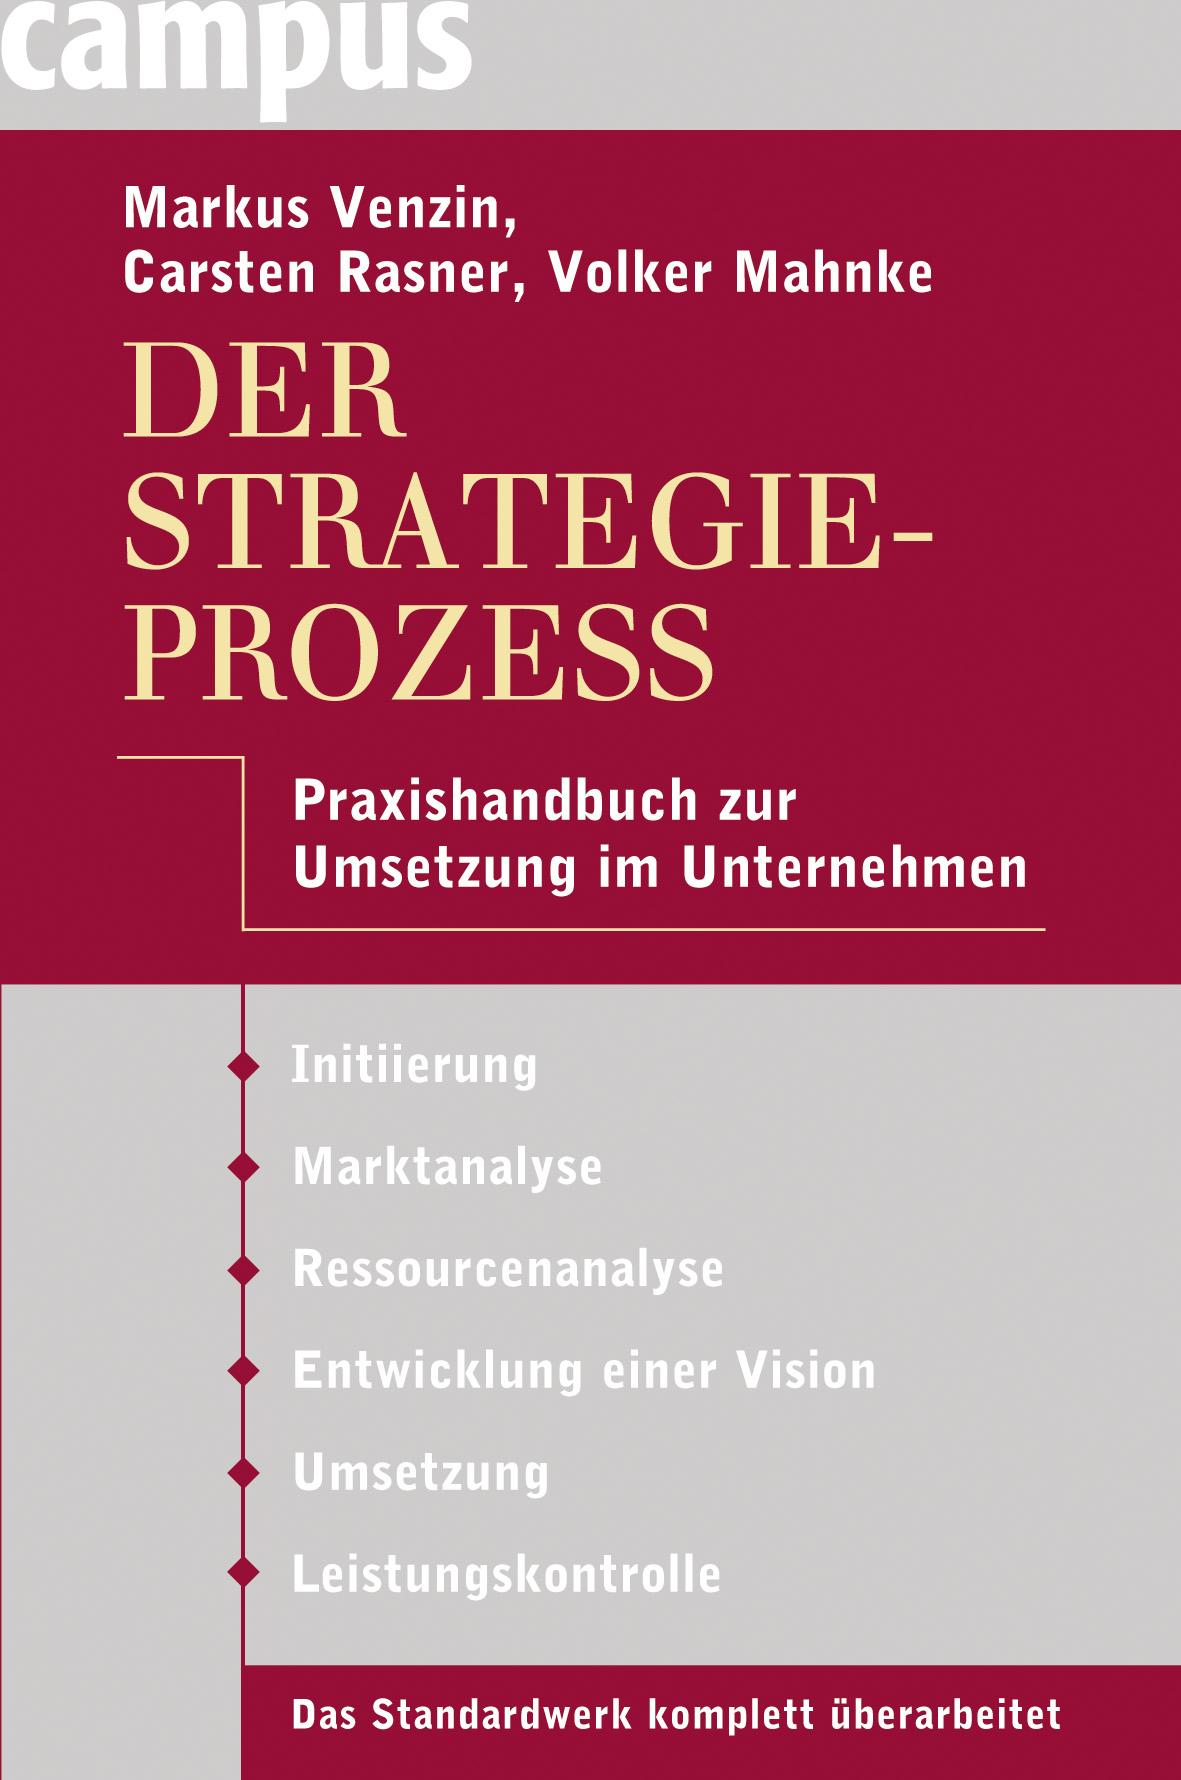 Der Strategieprozess Markus Venzin